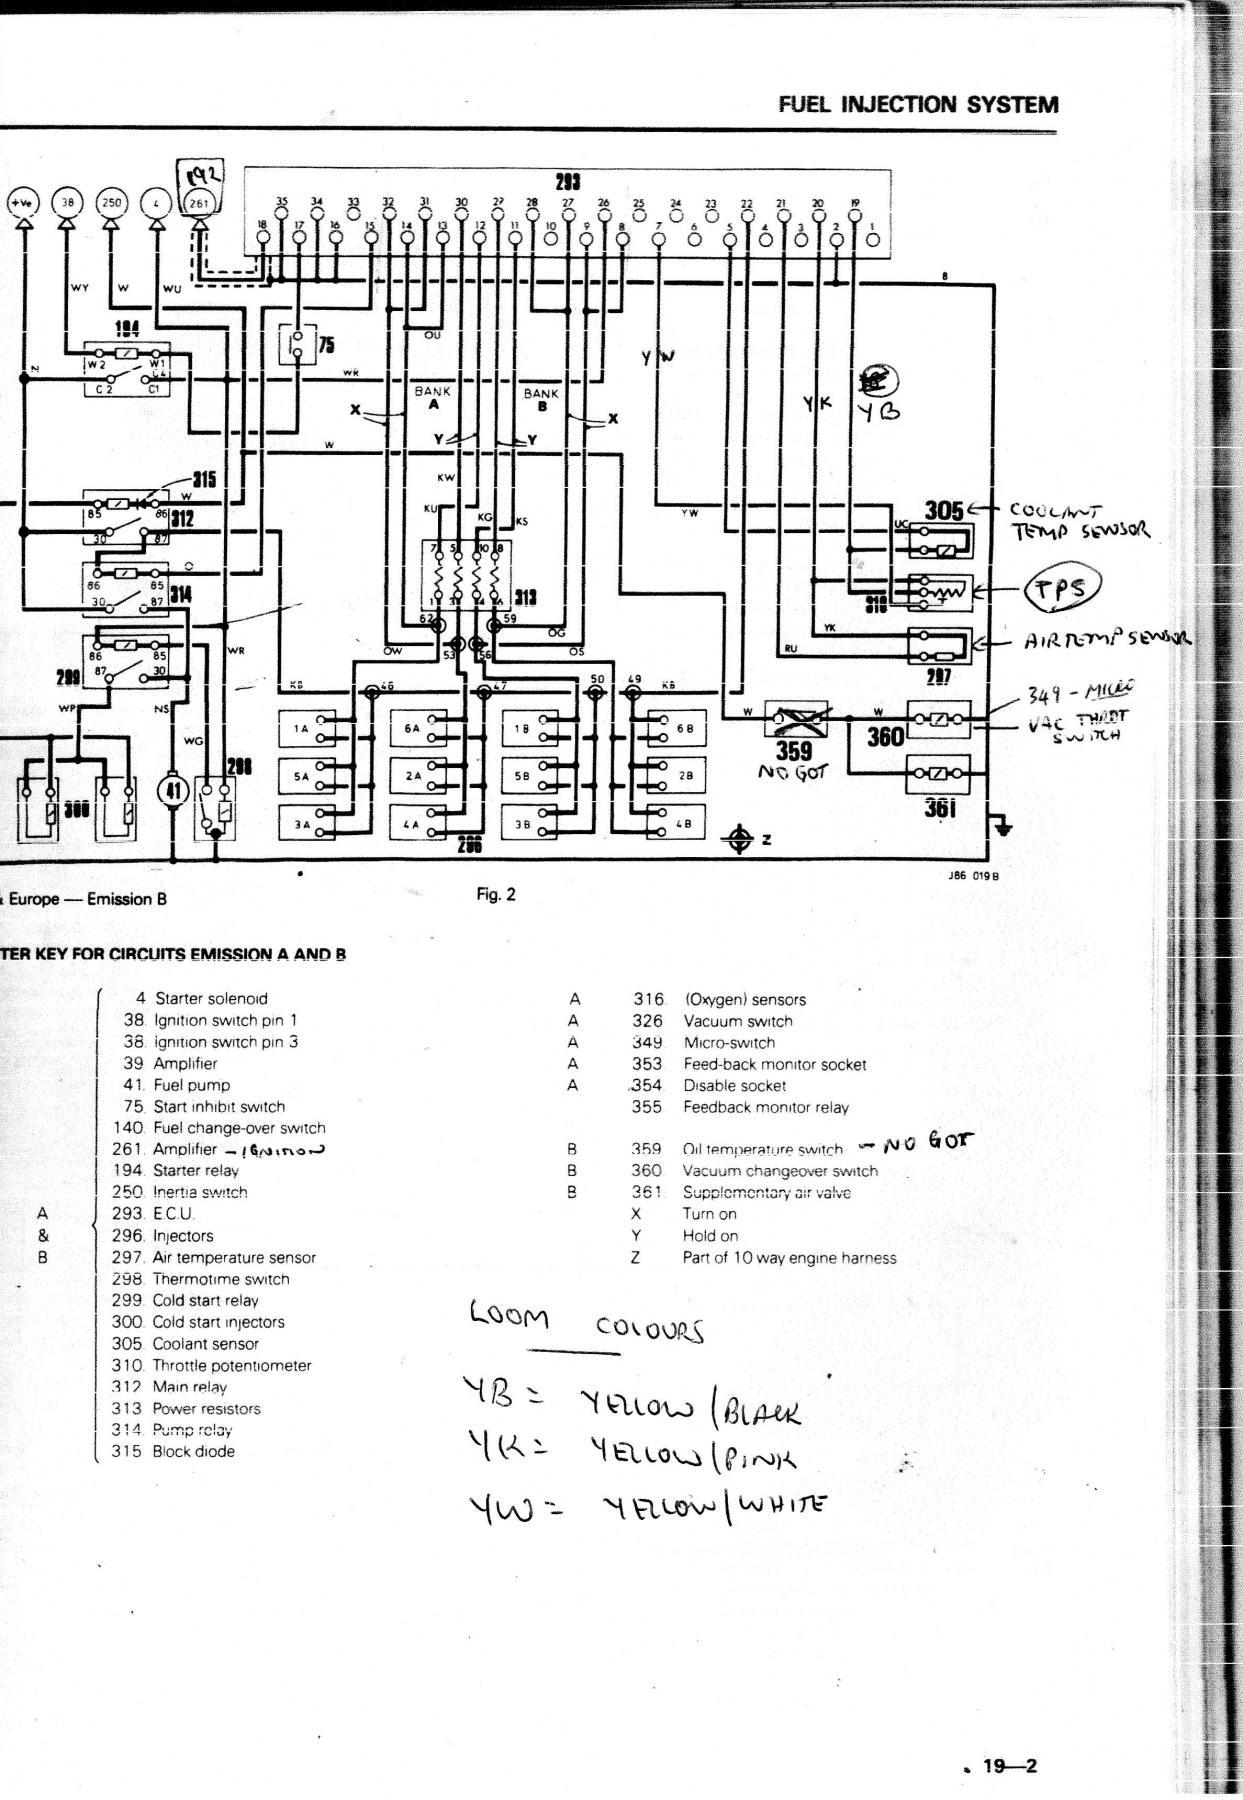 Chevy Serpentine Belt 4l60e Neutral Safety Switch Wiring Diagram Chevy